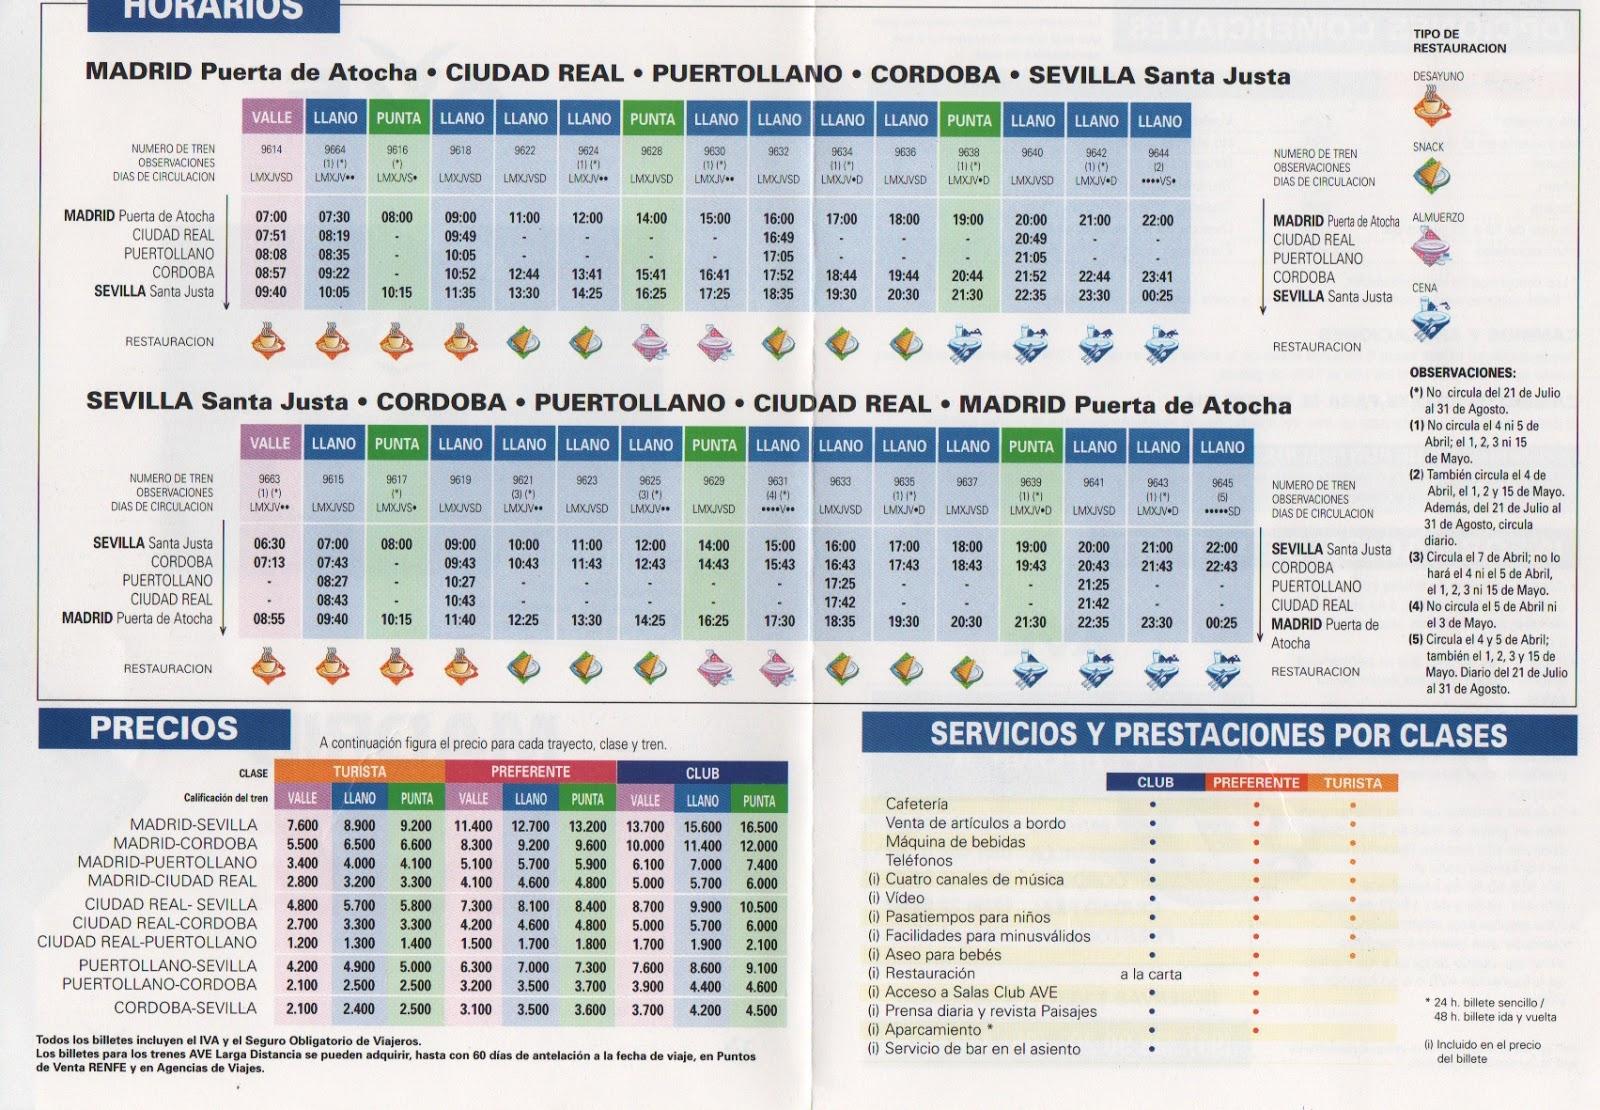 El guardagujas horarios del ave madrid sevilla de 1996 - Horario merkamueble sevilla ...